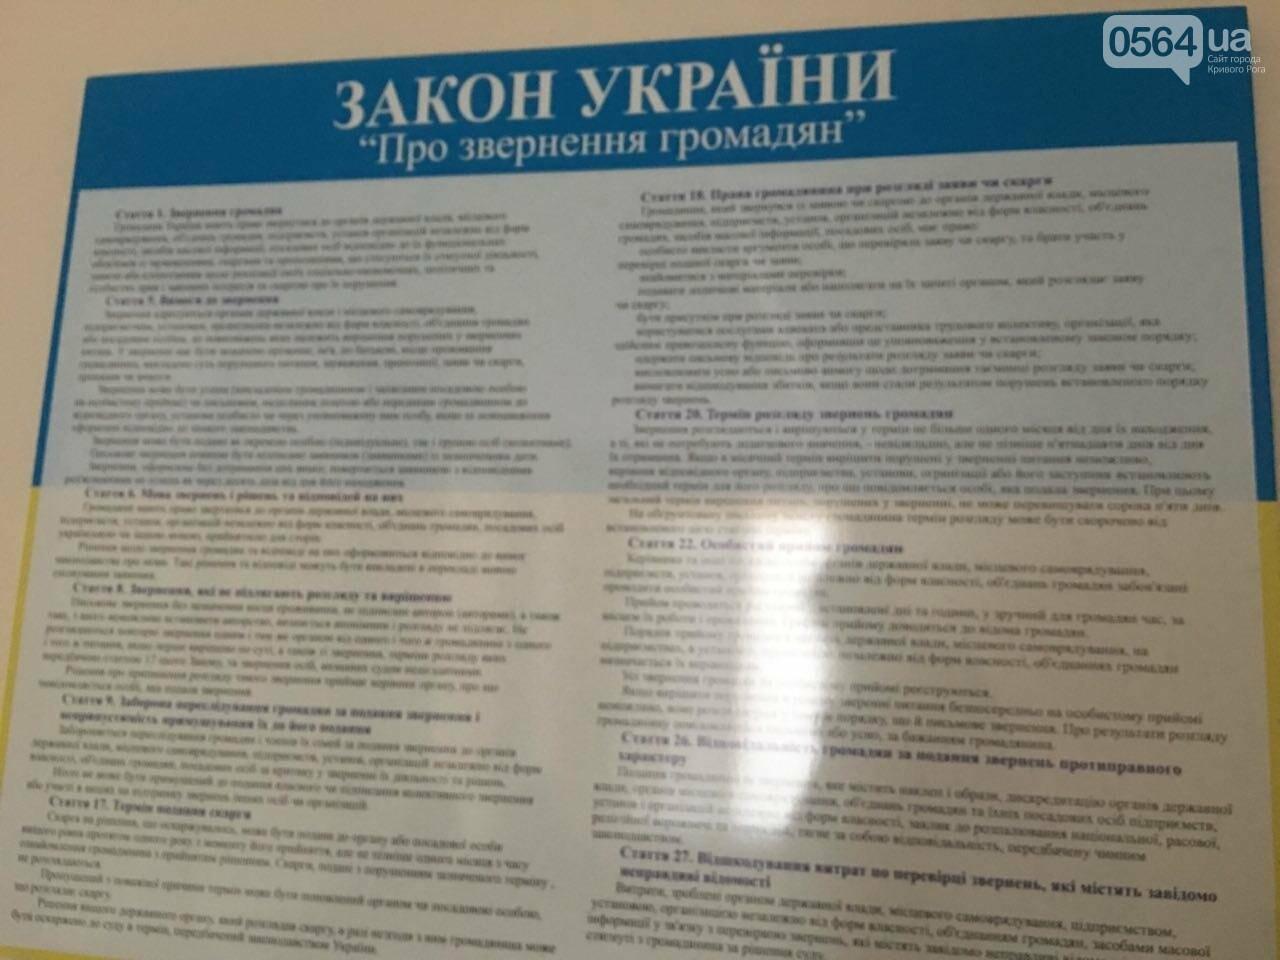 Криворожане передали в СБУ заявление с требованием проверить организации, которые возглавлял Островский, - ФОТО, фото-2